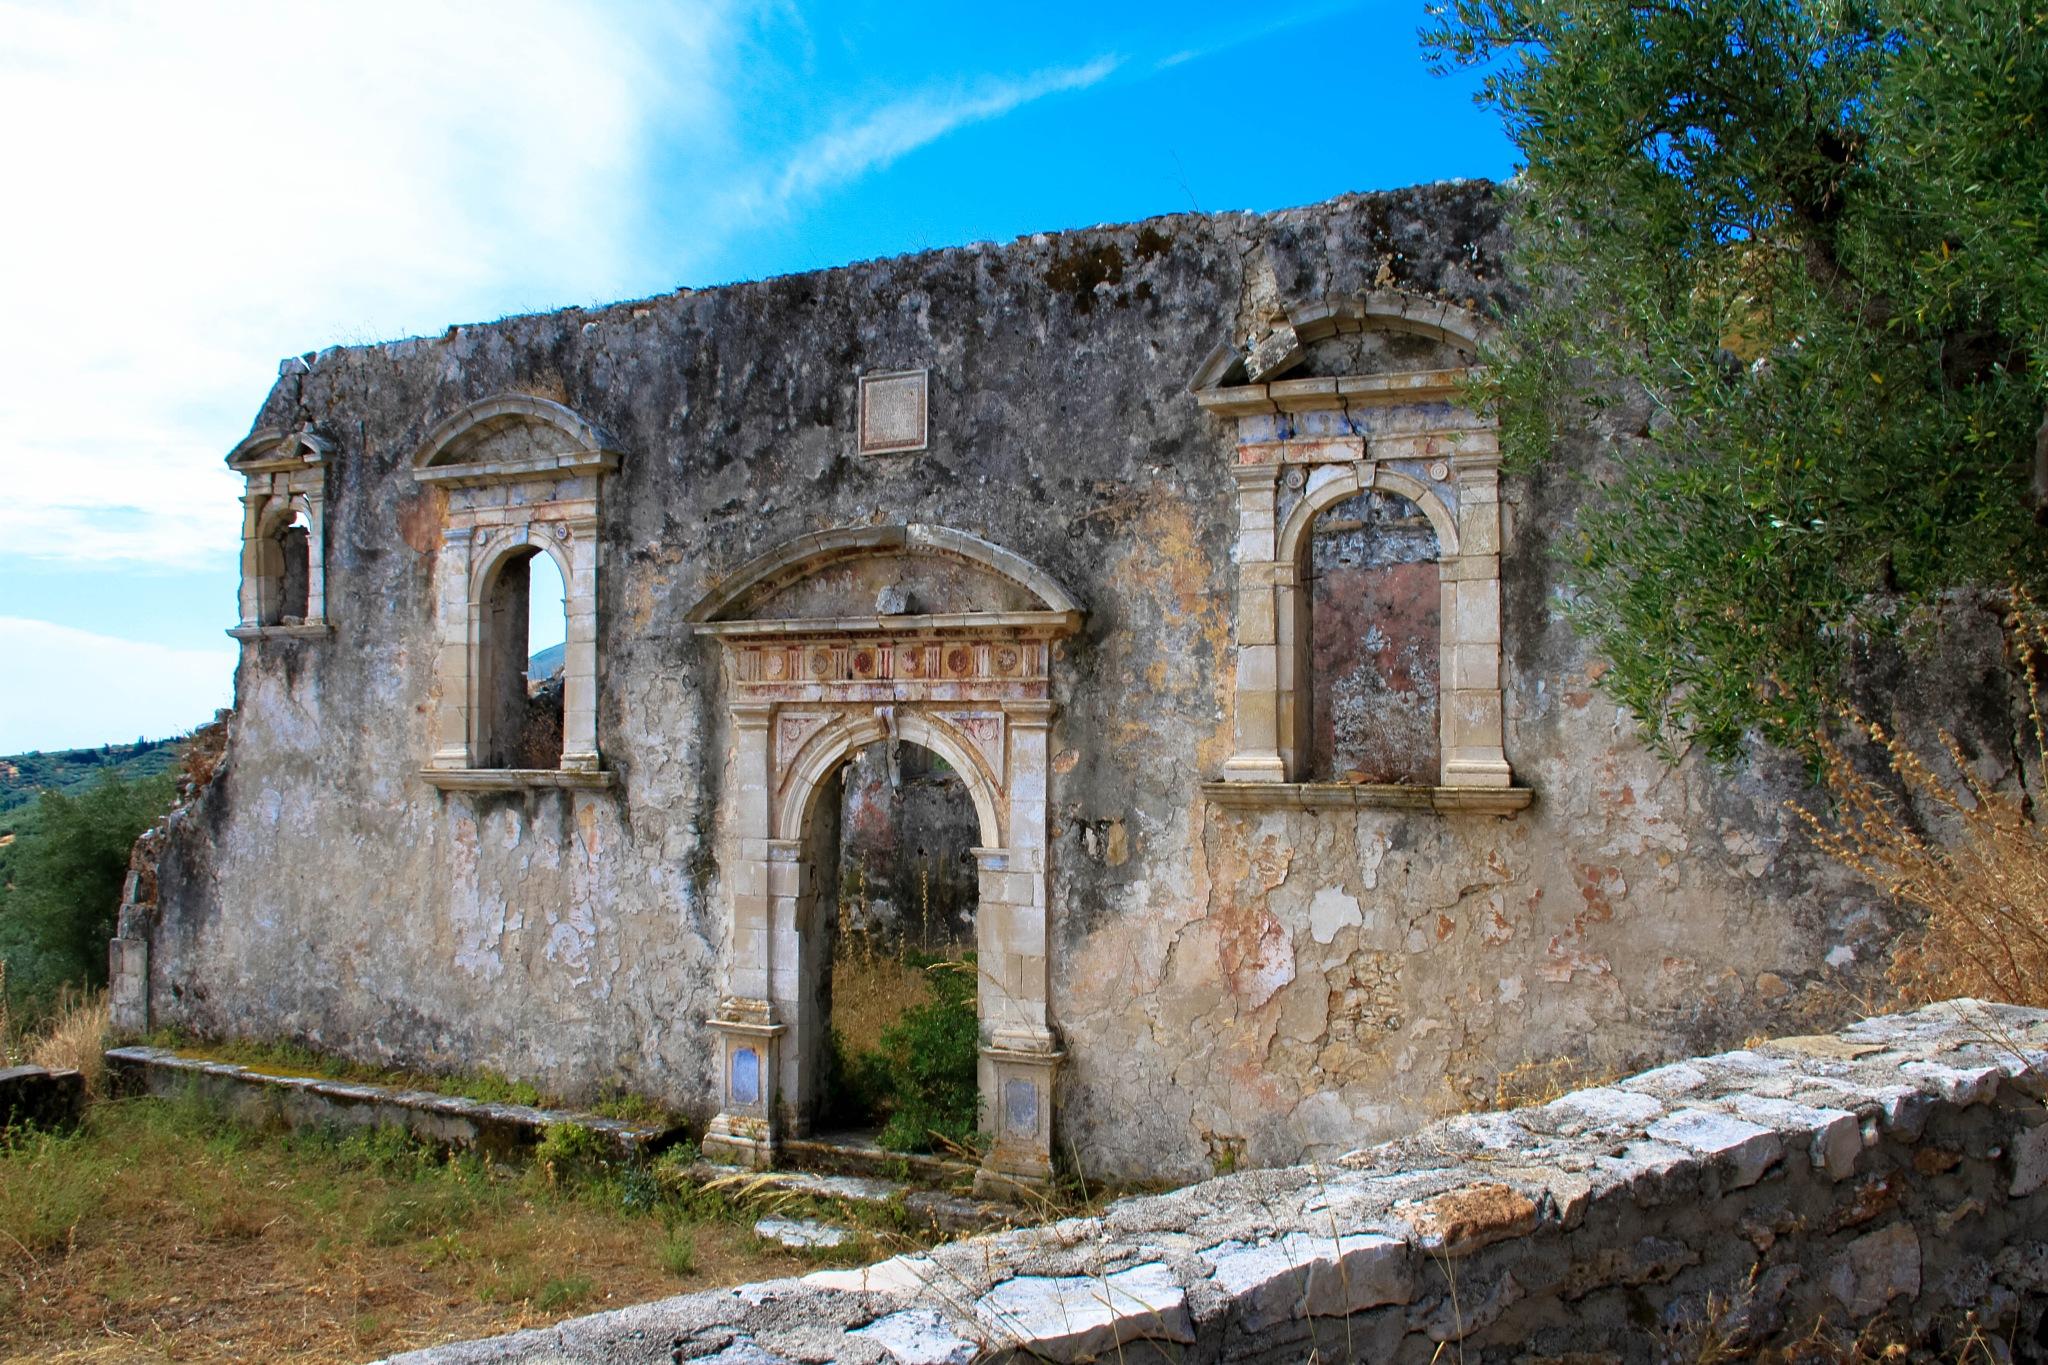 Derelict Church by Martin Roper